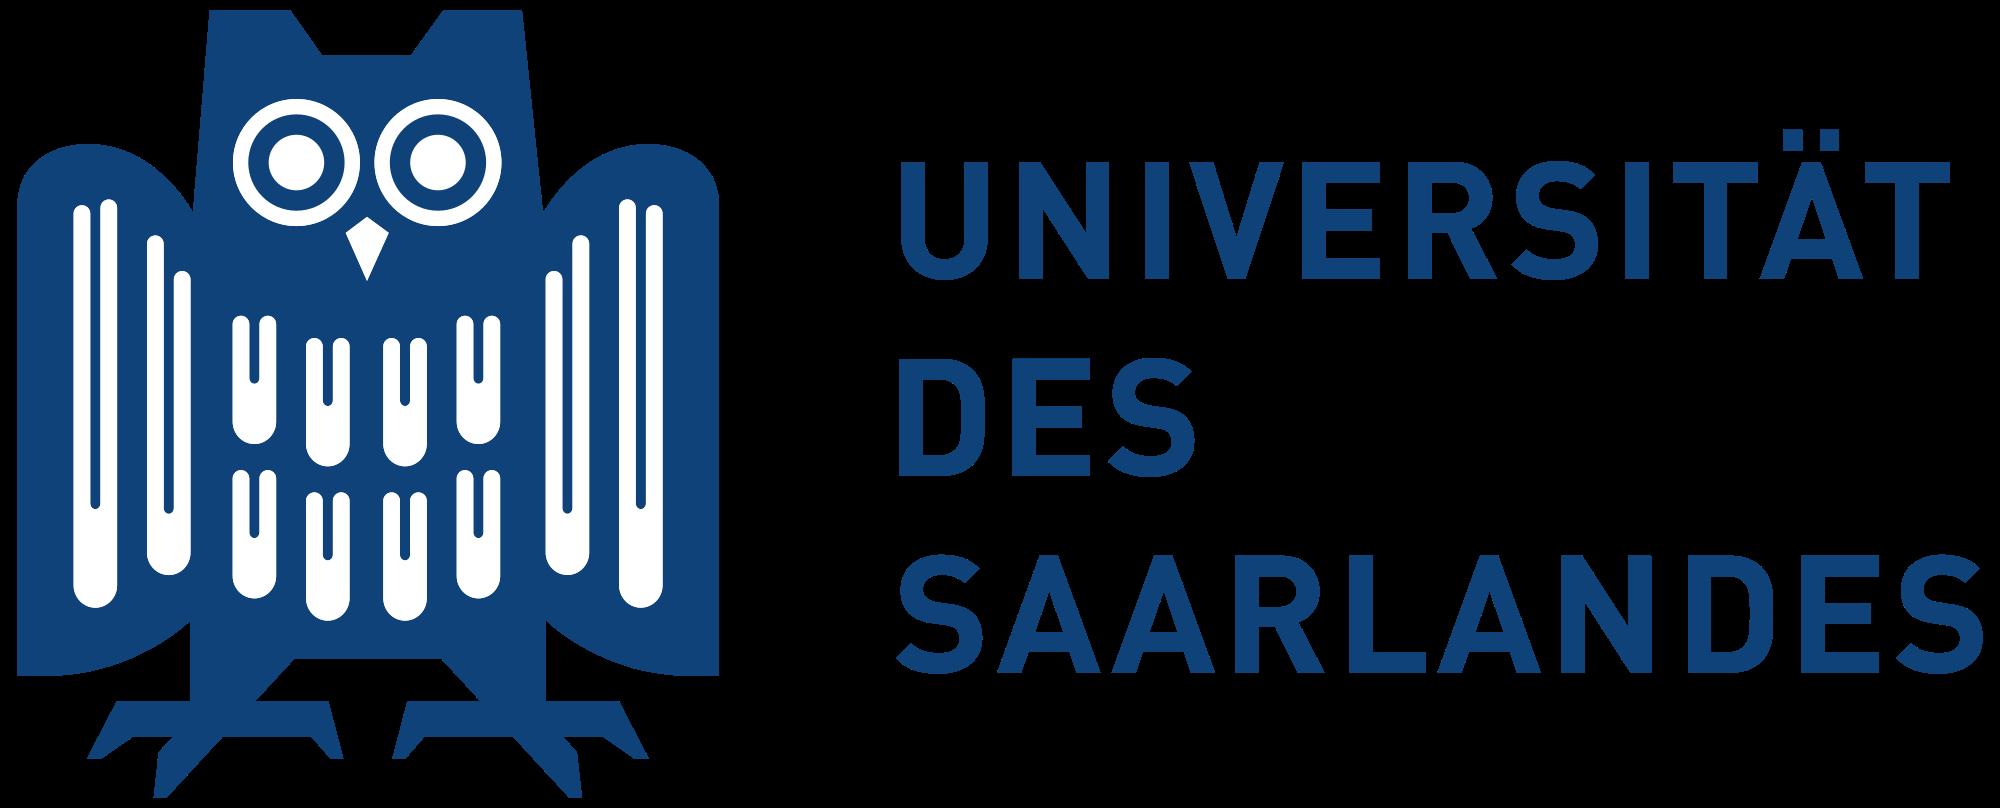 Universität des Saarlandës Logo